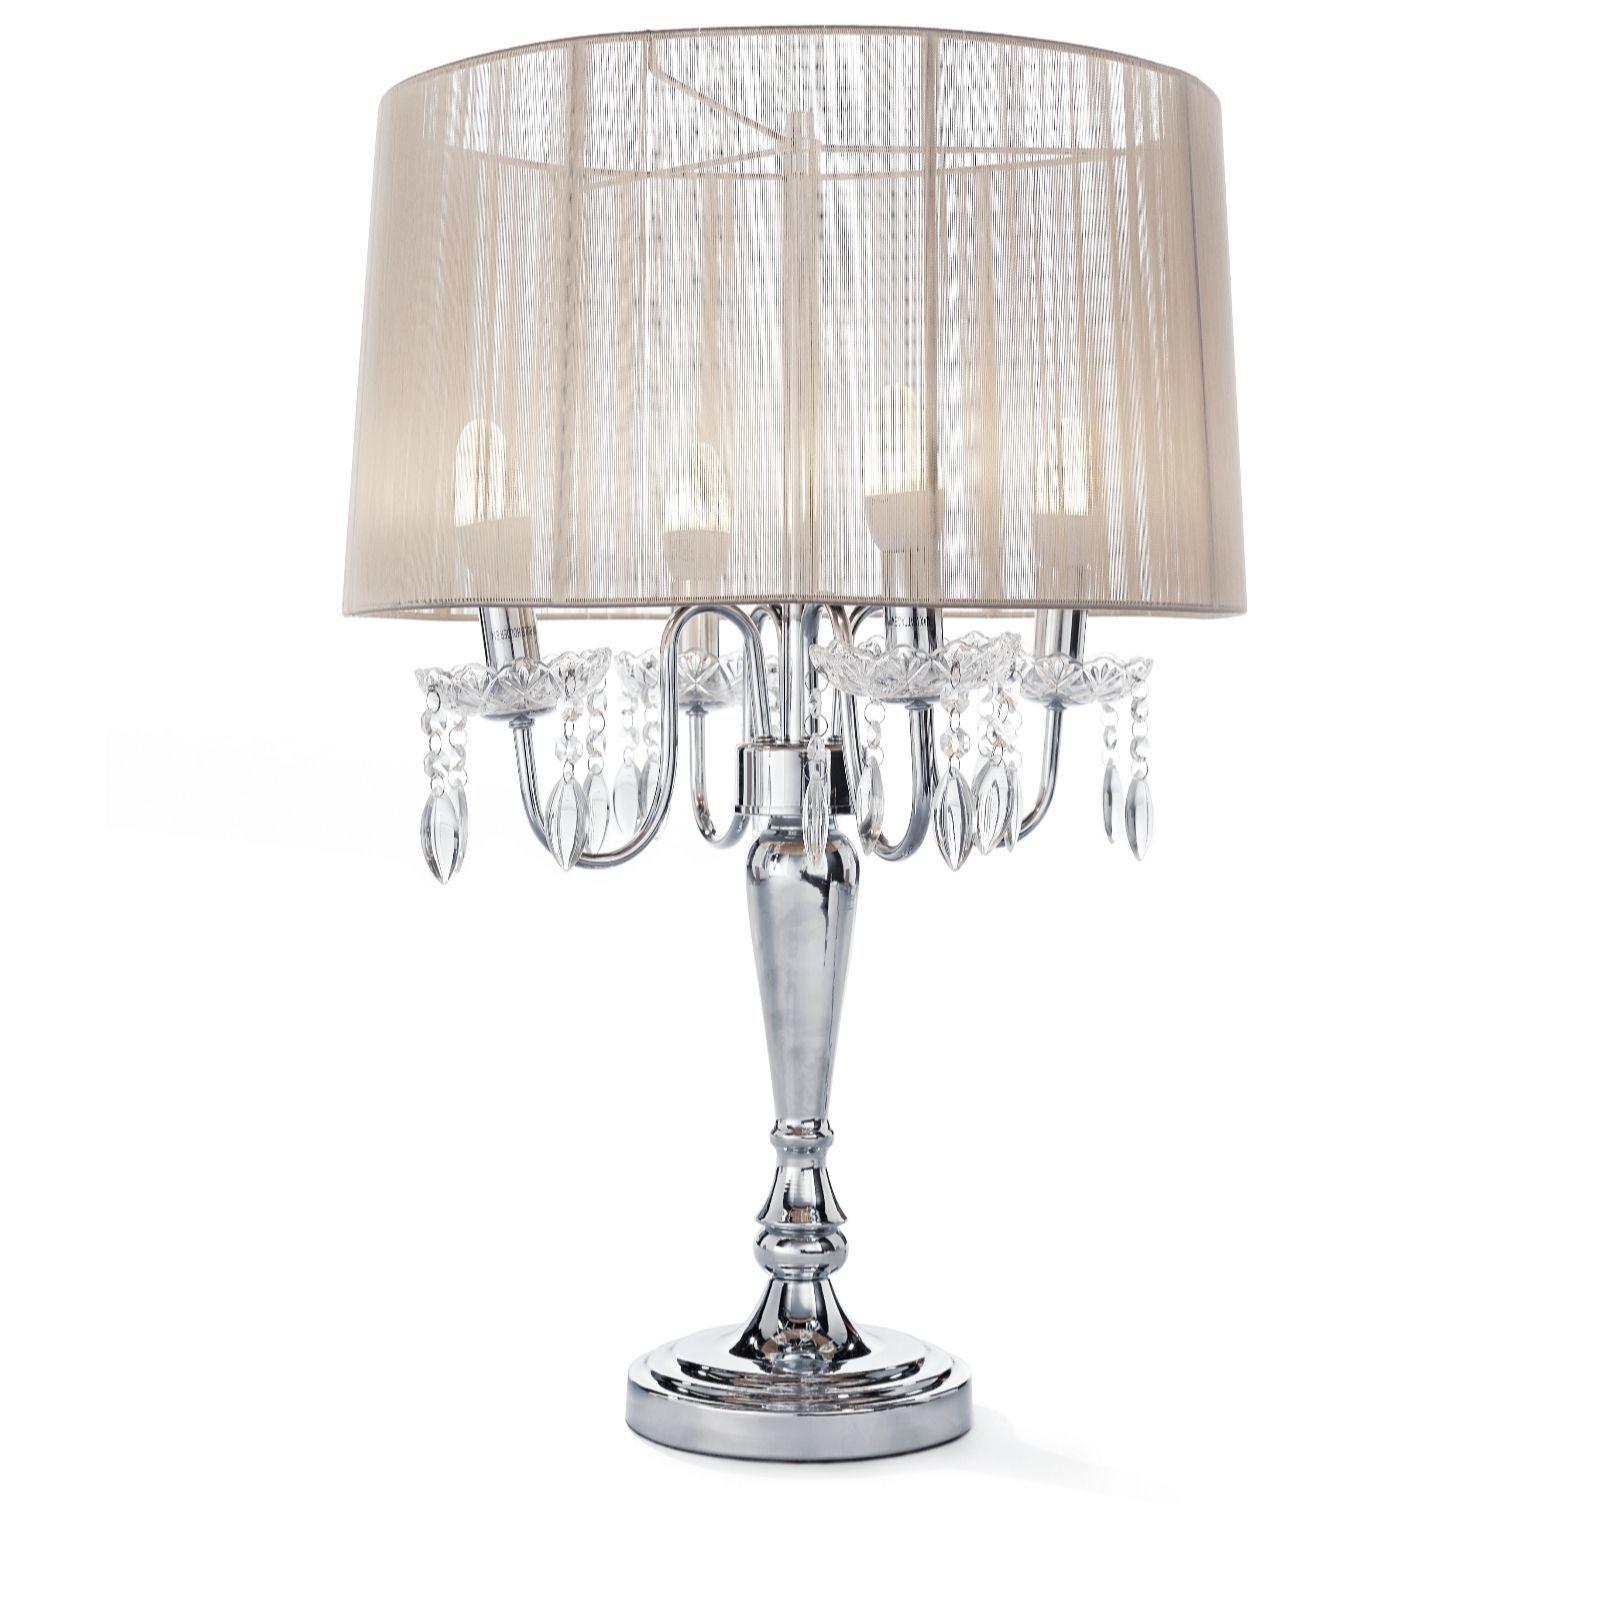 804955 JM By Julien Macdonald Signature Chandelier Table Lamp QVC  Price:£117.00 + Pu0026P